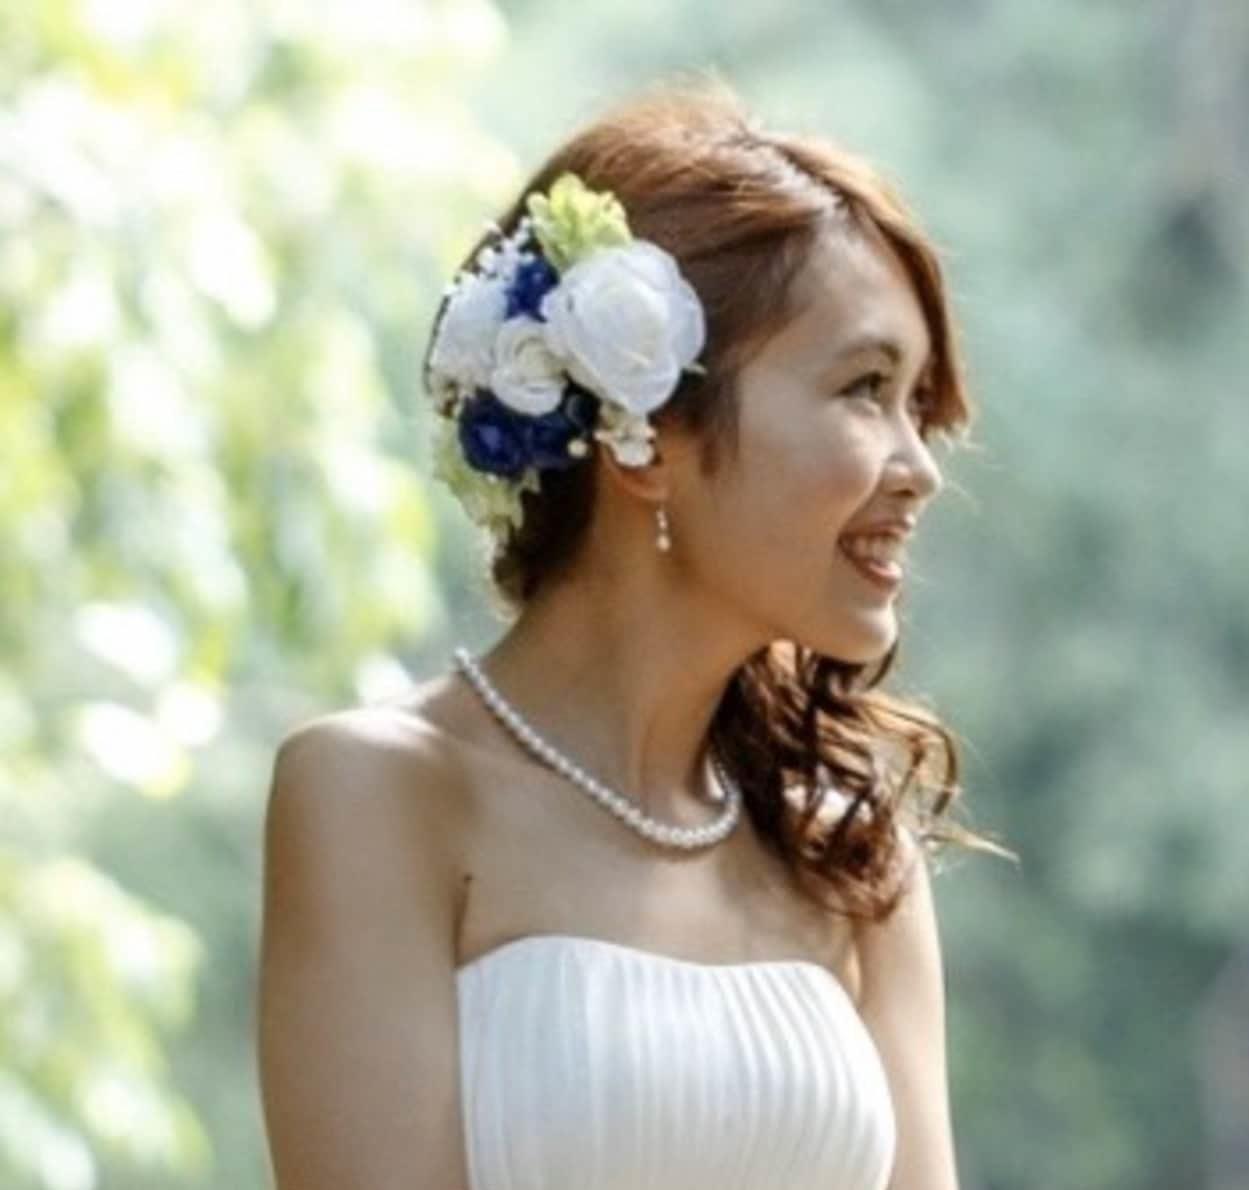 花嫁 髪型 お花 ハーフアップ ウェディングドレス着用